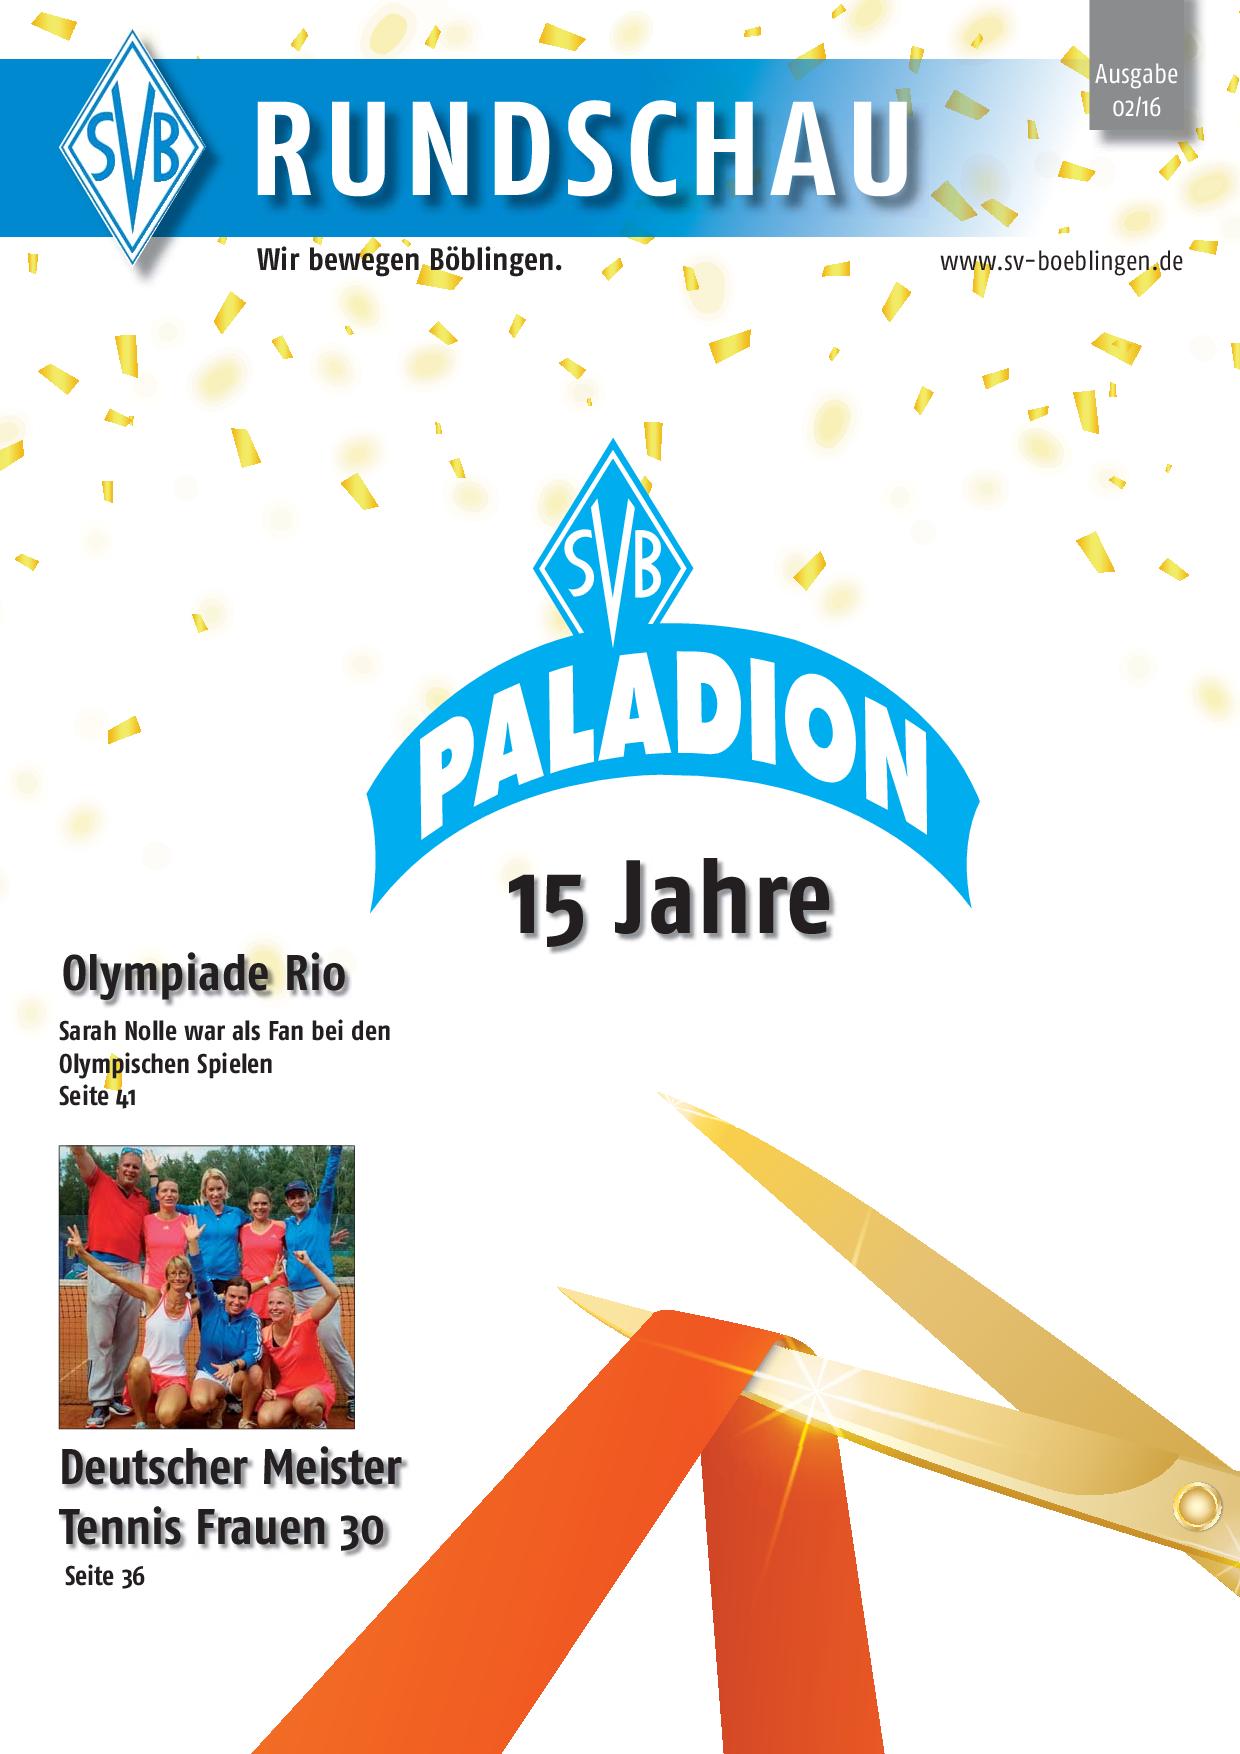 SVB Rundschau 2/2016